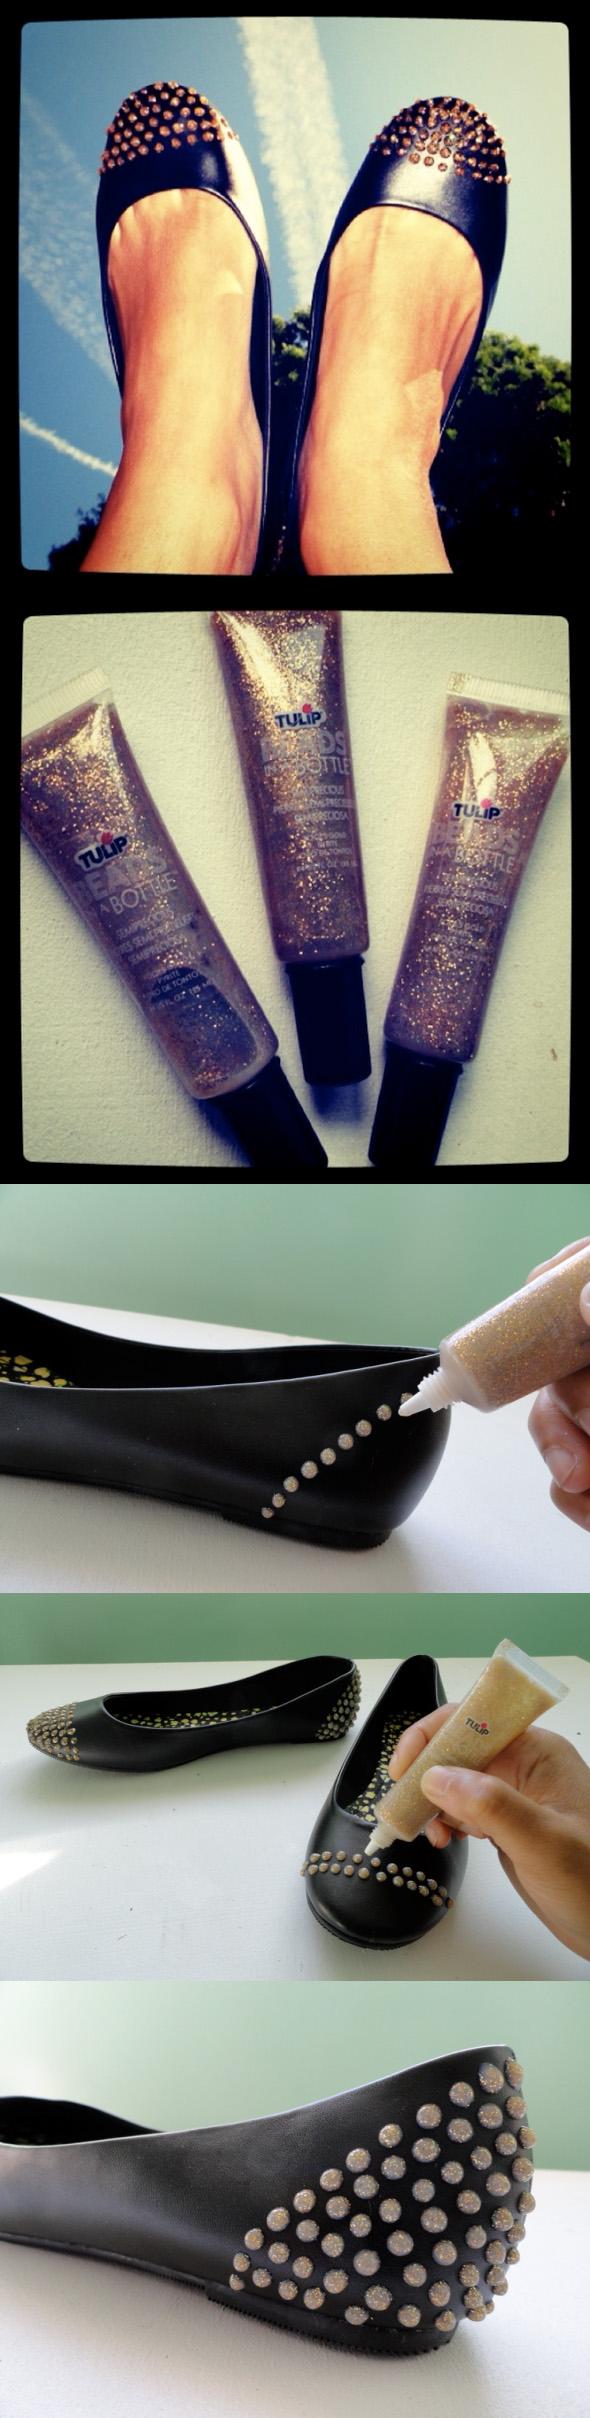 Diy shoes design 28 images fantastic diy clothes pimp for Diy shoes design